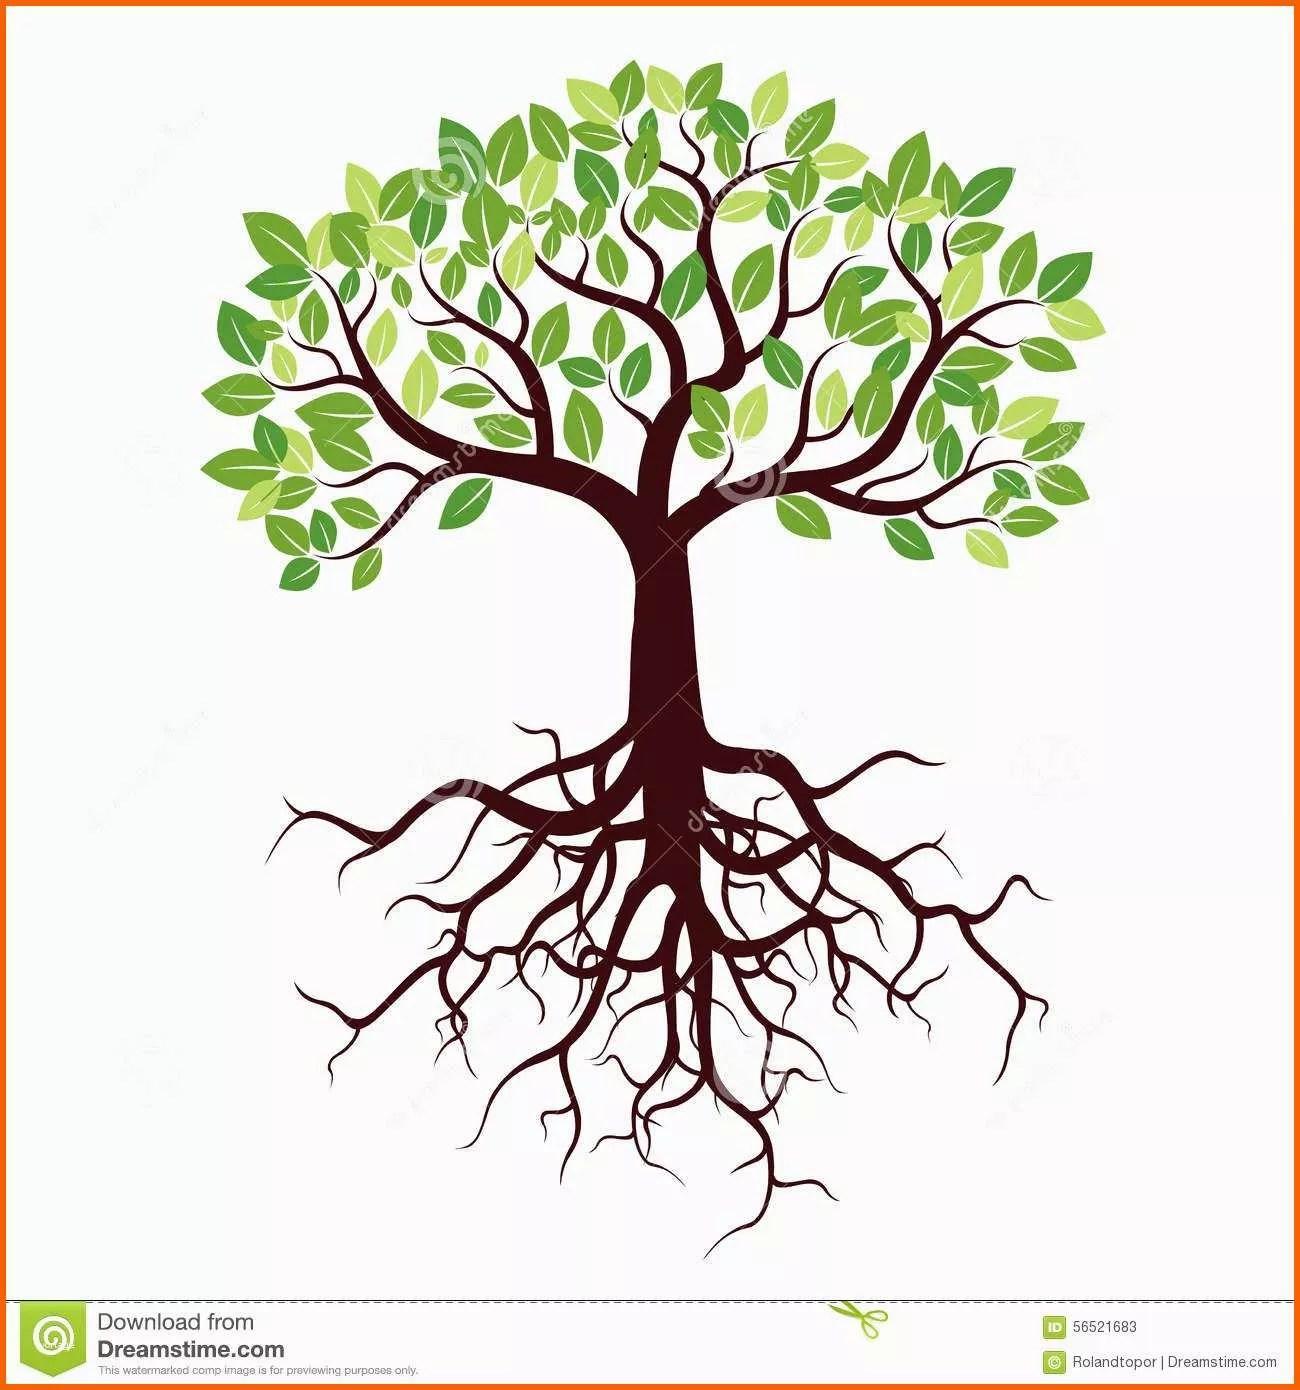 Erschwinglich Malvorlage Baum Mit Blättern Neu Großer Und